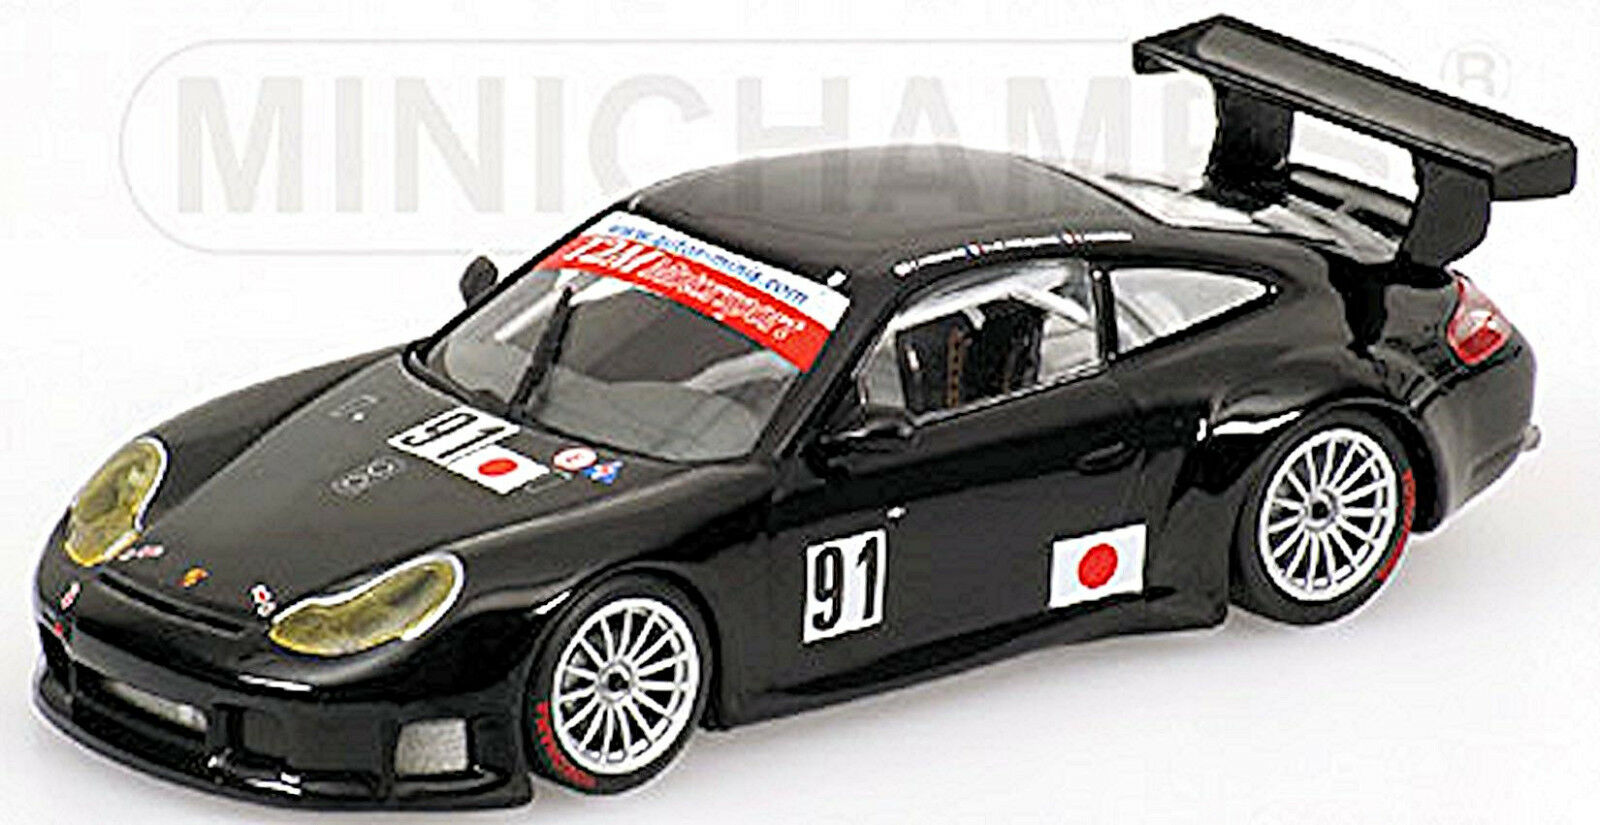 Porsche 911 GT3 RS Essais Essais Essais du Mans 2005 Yamagishi Pompidou whiteh 1 43 Minich dc066d